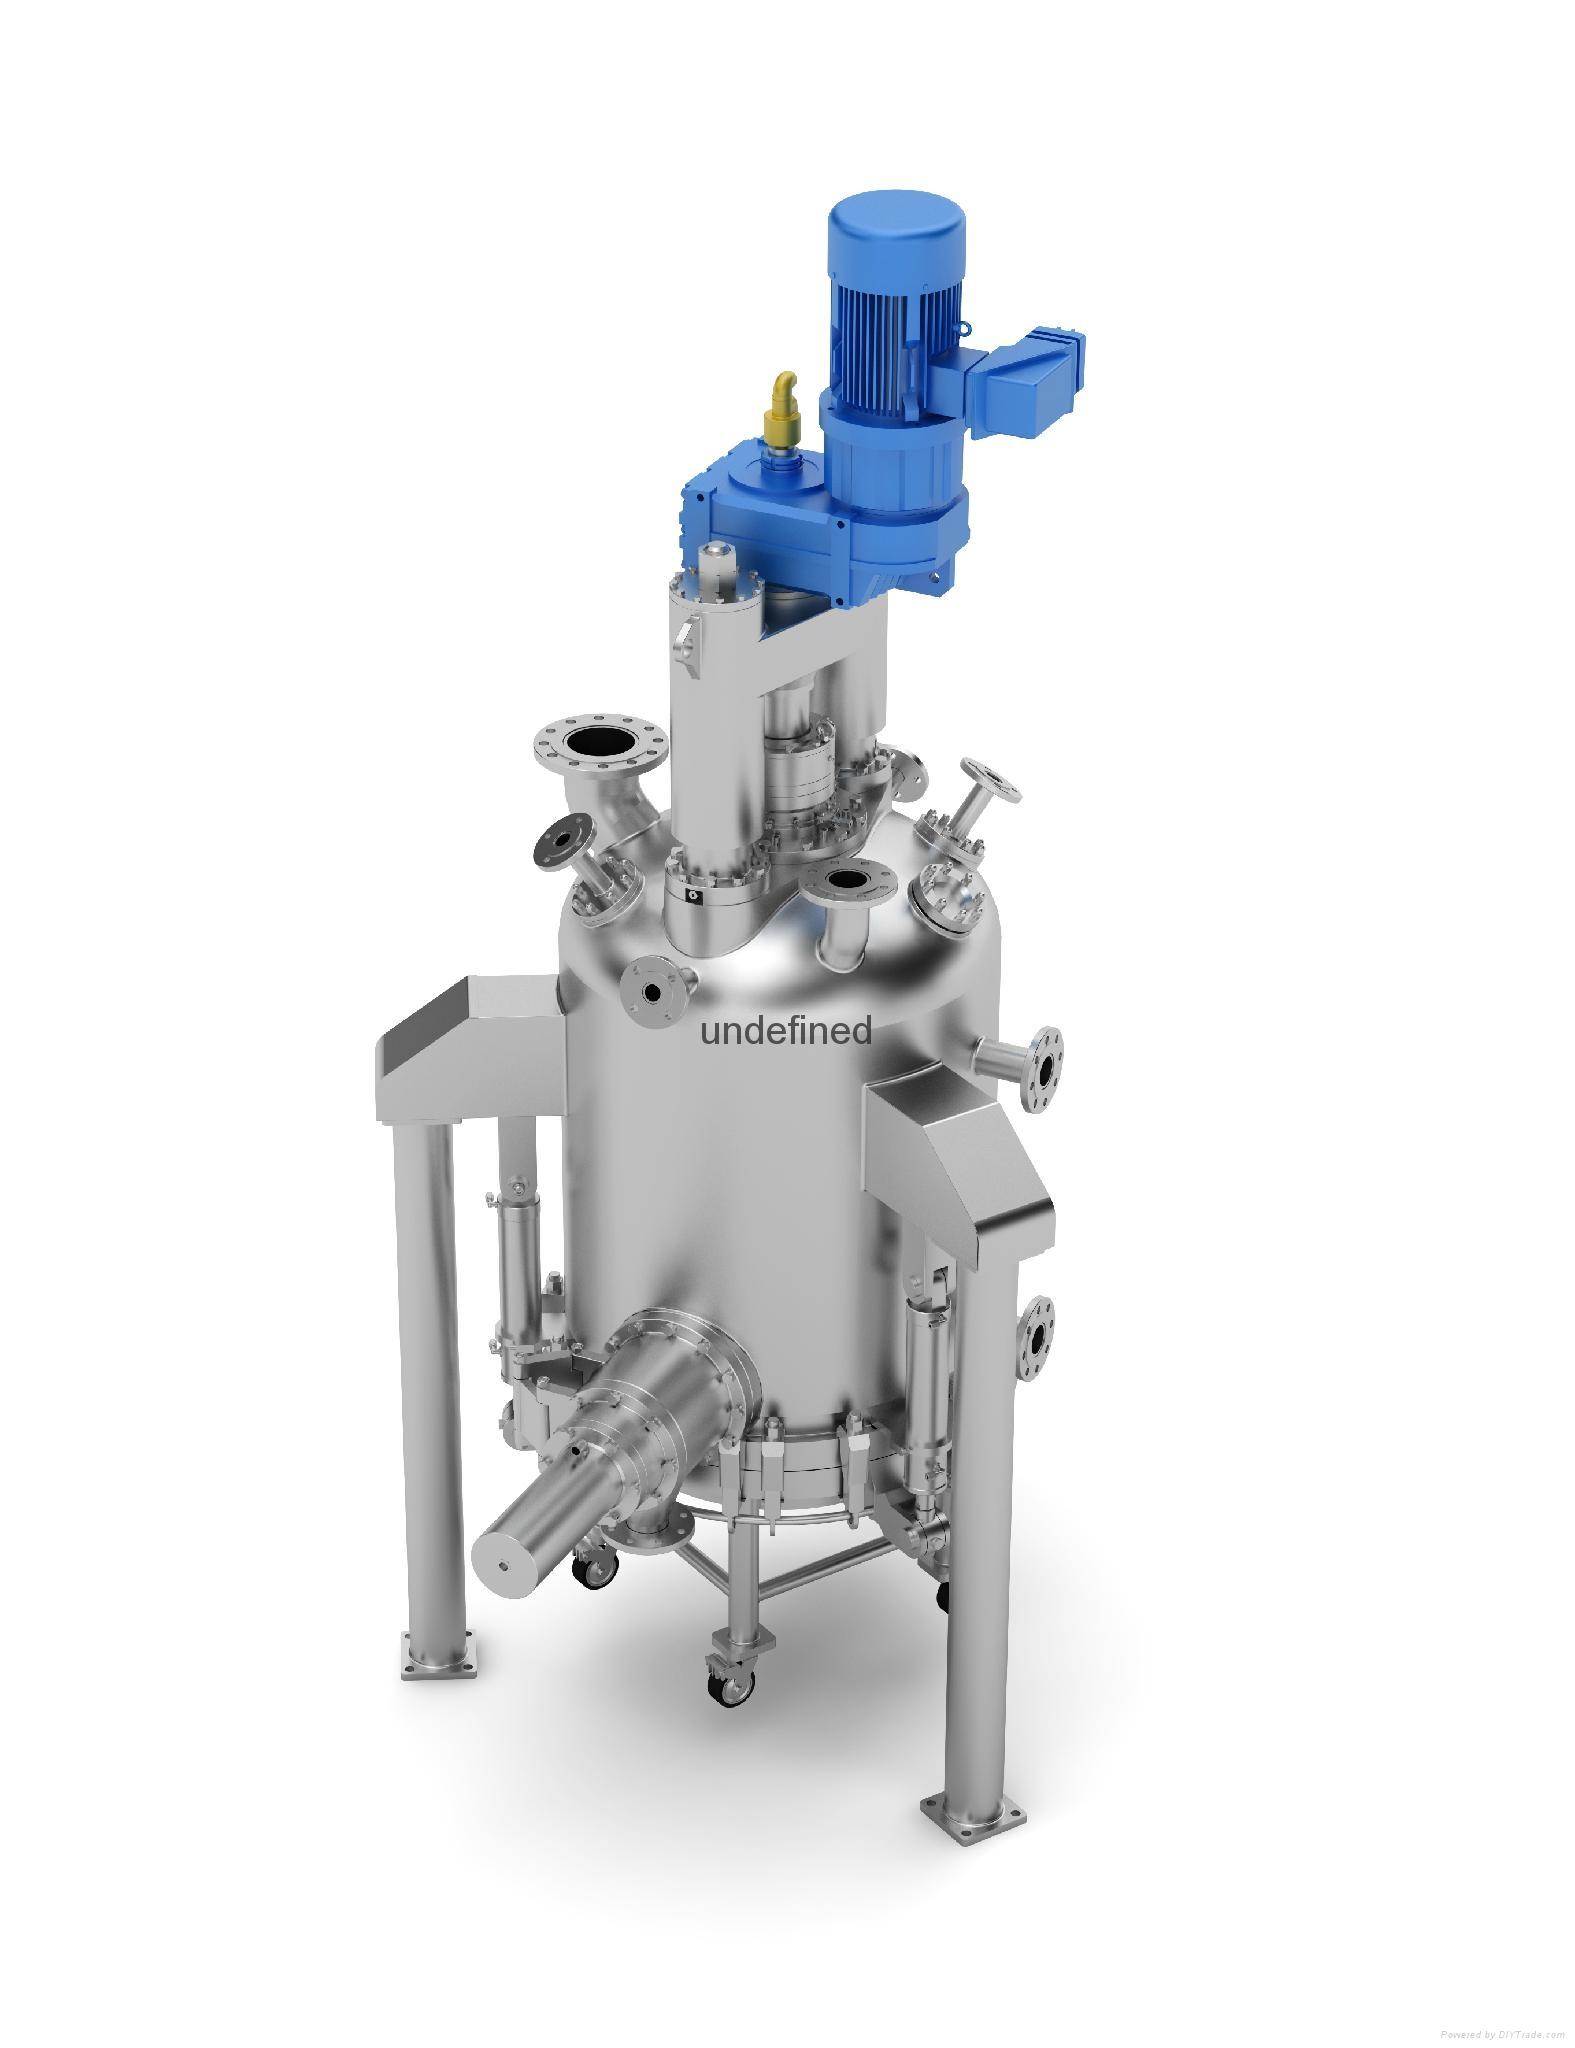 Mixing Equipment Nutscg Filter Dryer 1